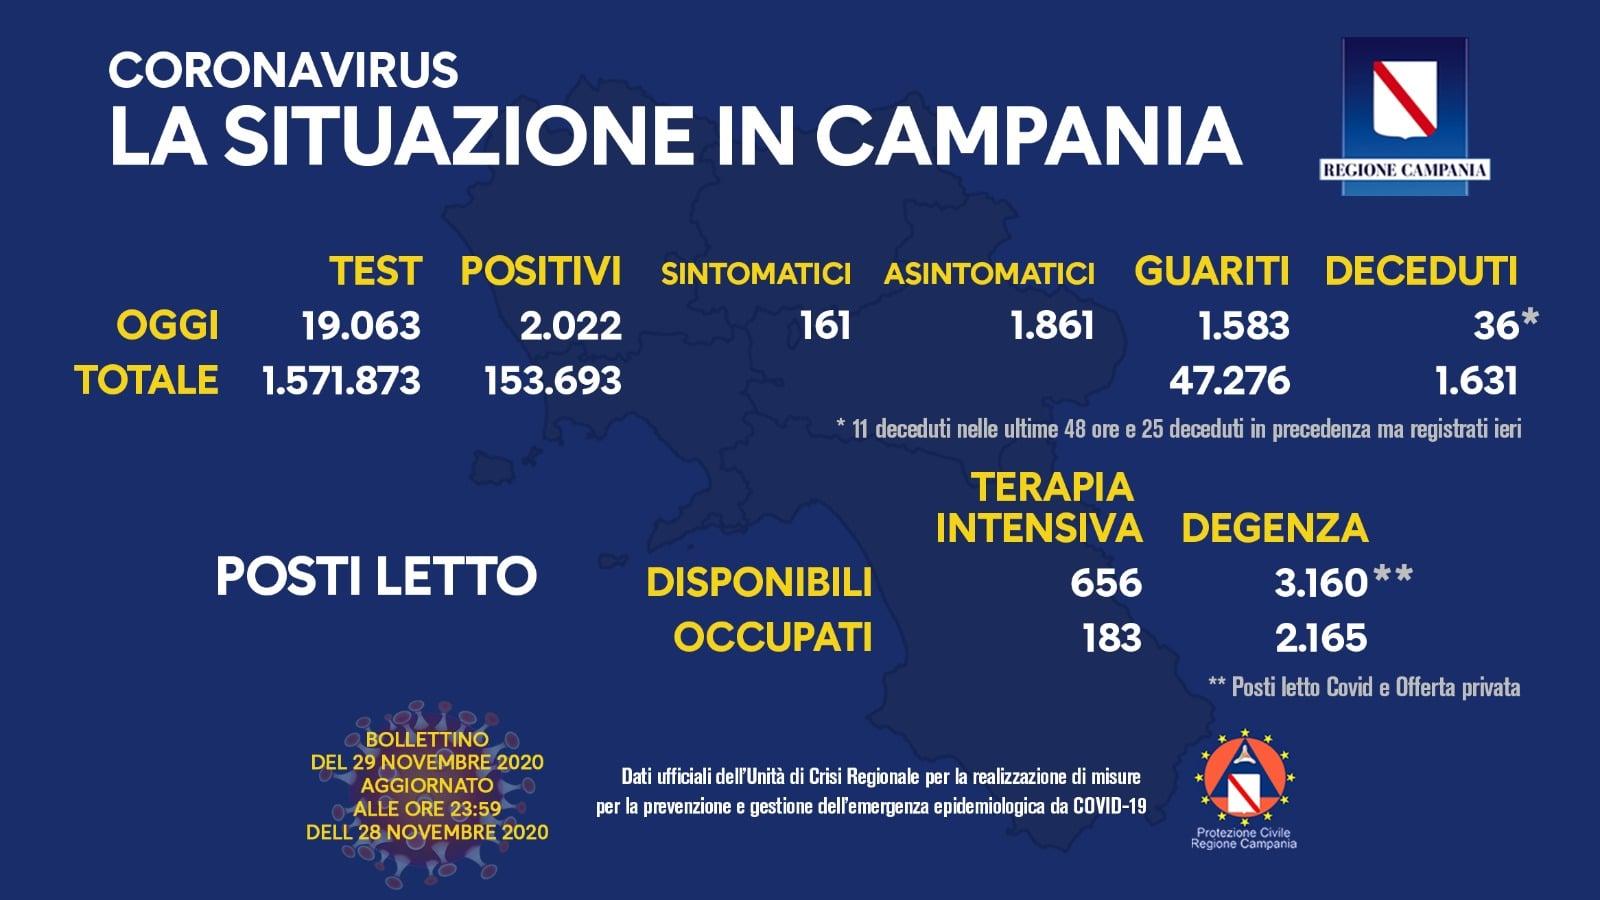 Covid in Campania: il bollettino di oggi 29 novembre